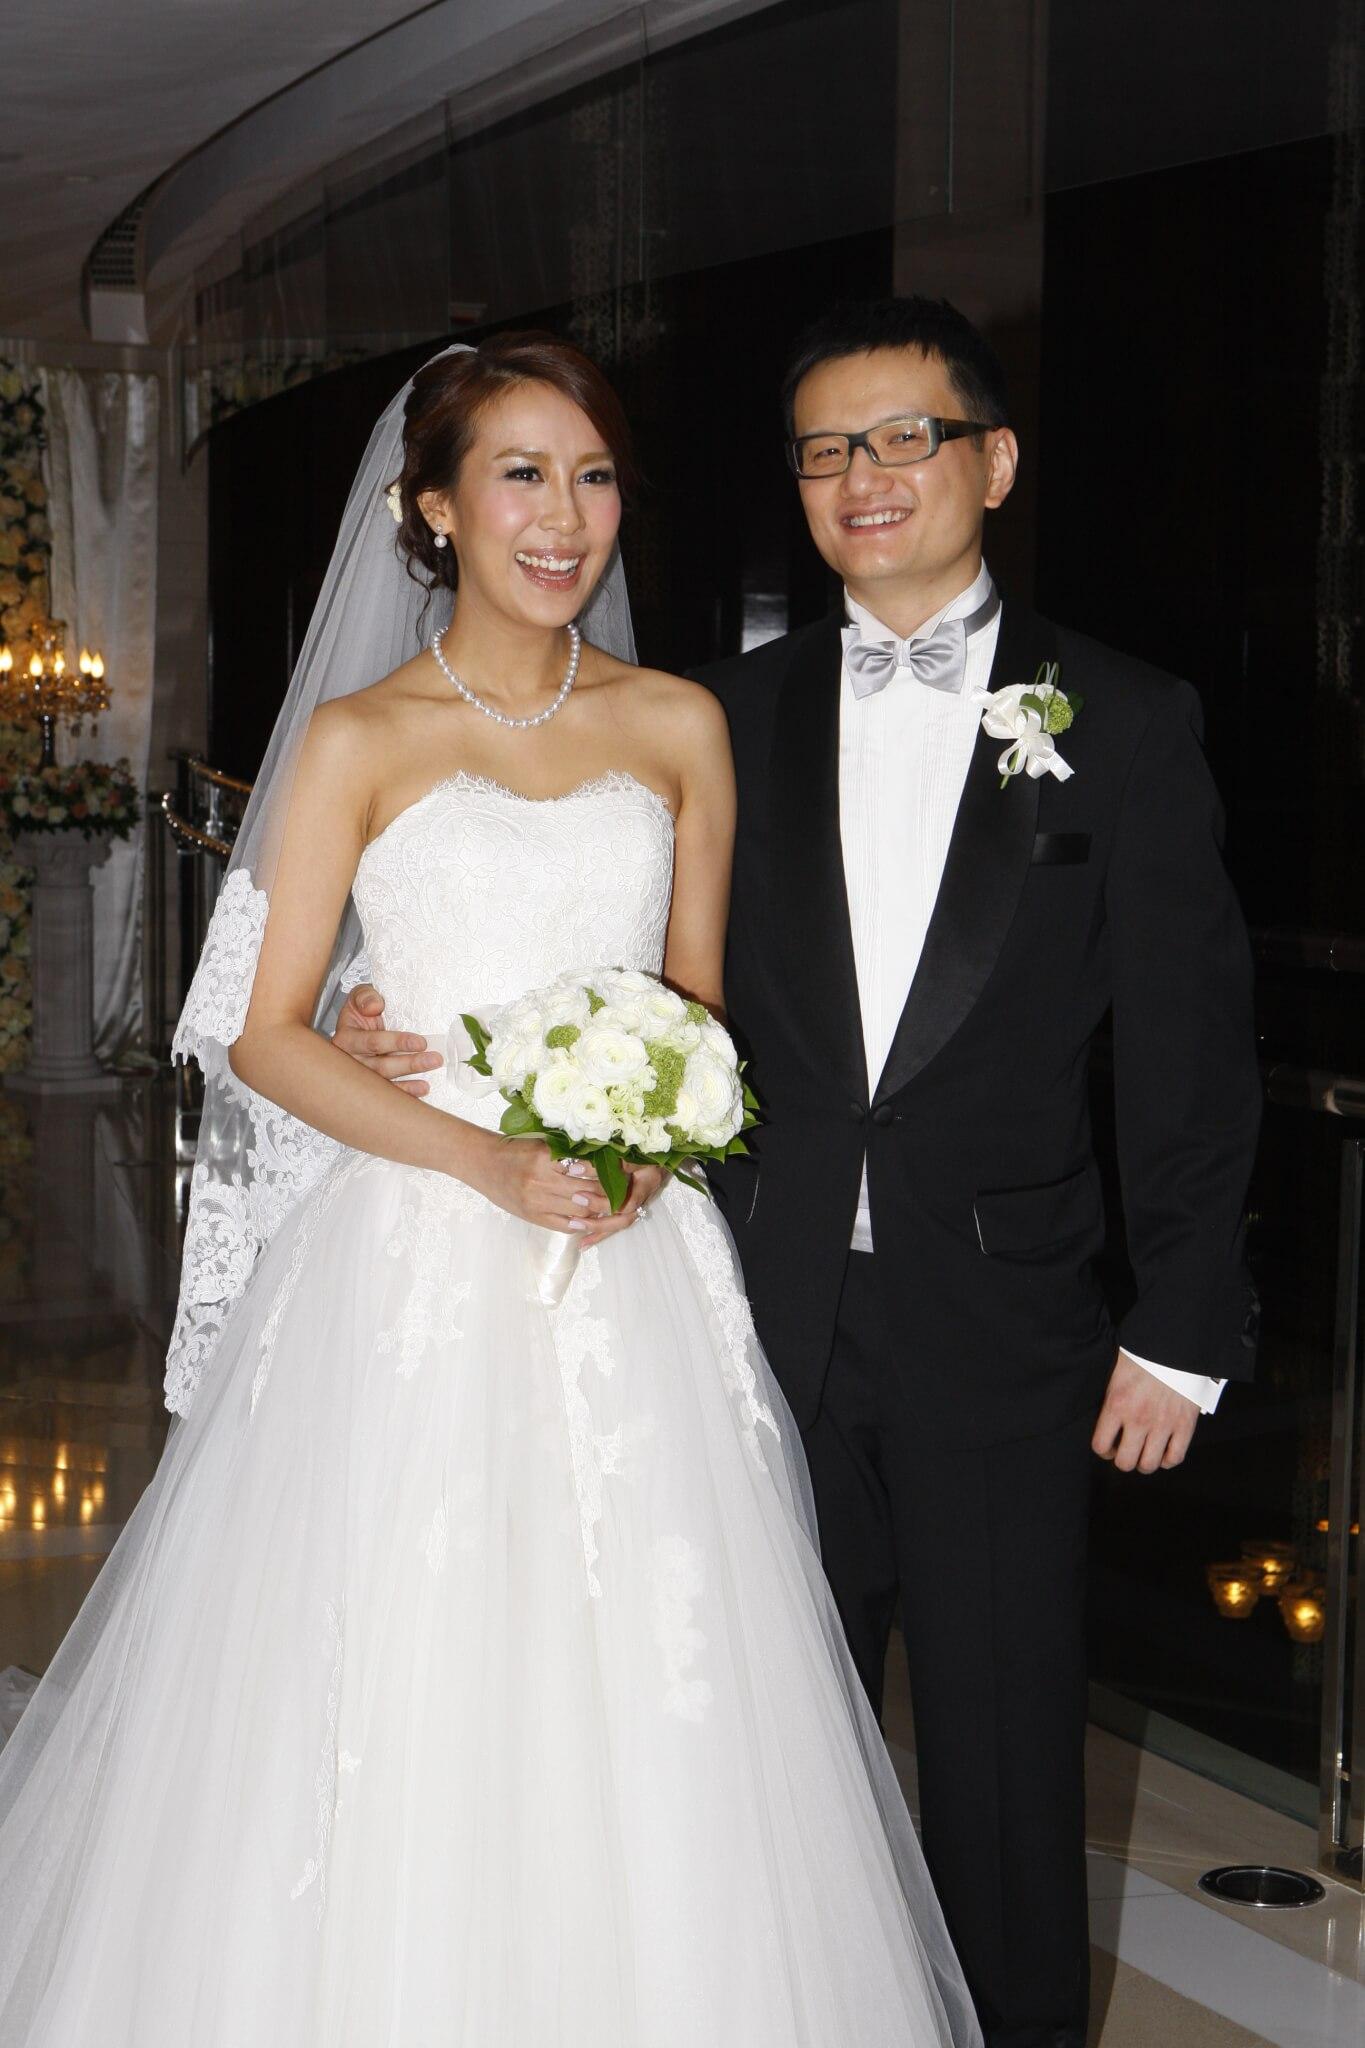 曹敏莉於2010年10月28日與相戀五年的張家傑結婚,婚後育有兩子一女。